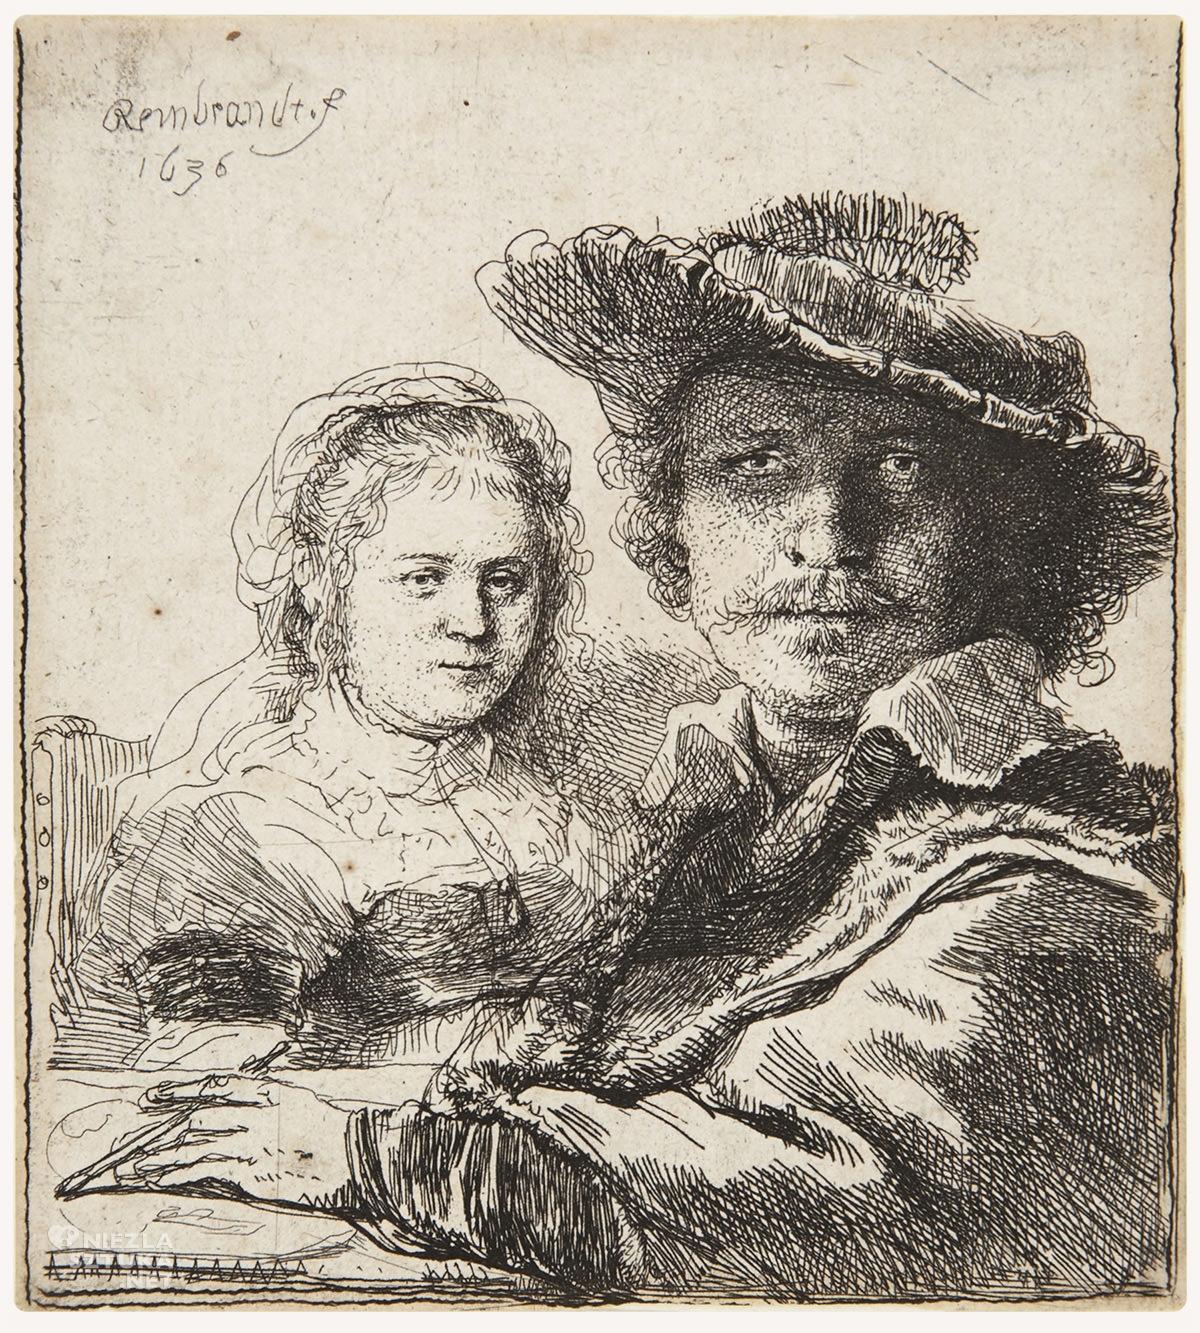 Rembrandt, Autoportret z Saskią, żona artysty, sztuka niderlandzka, szkic, Niezła Sztuka